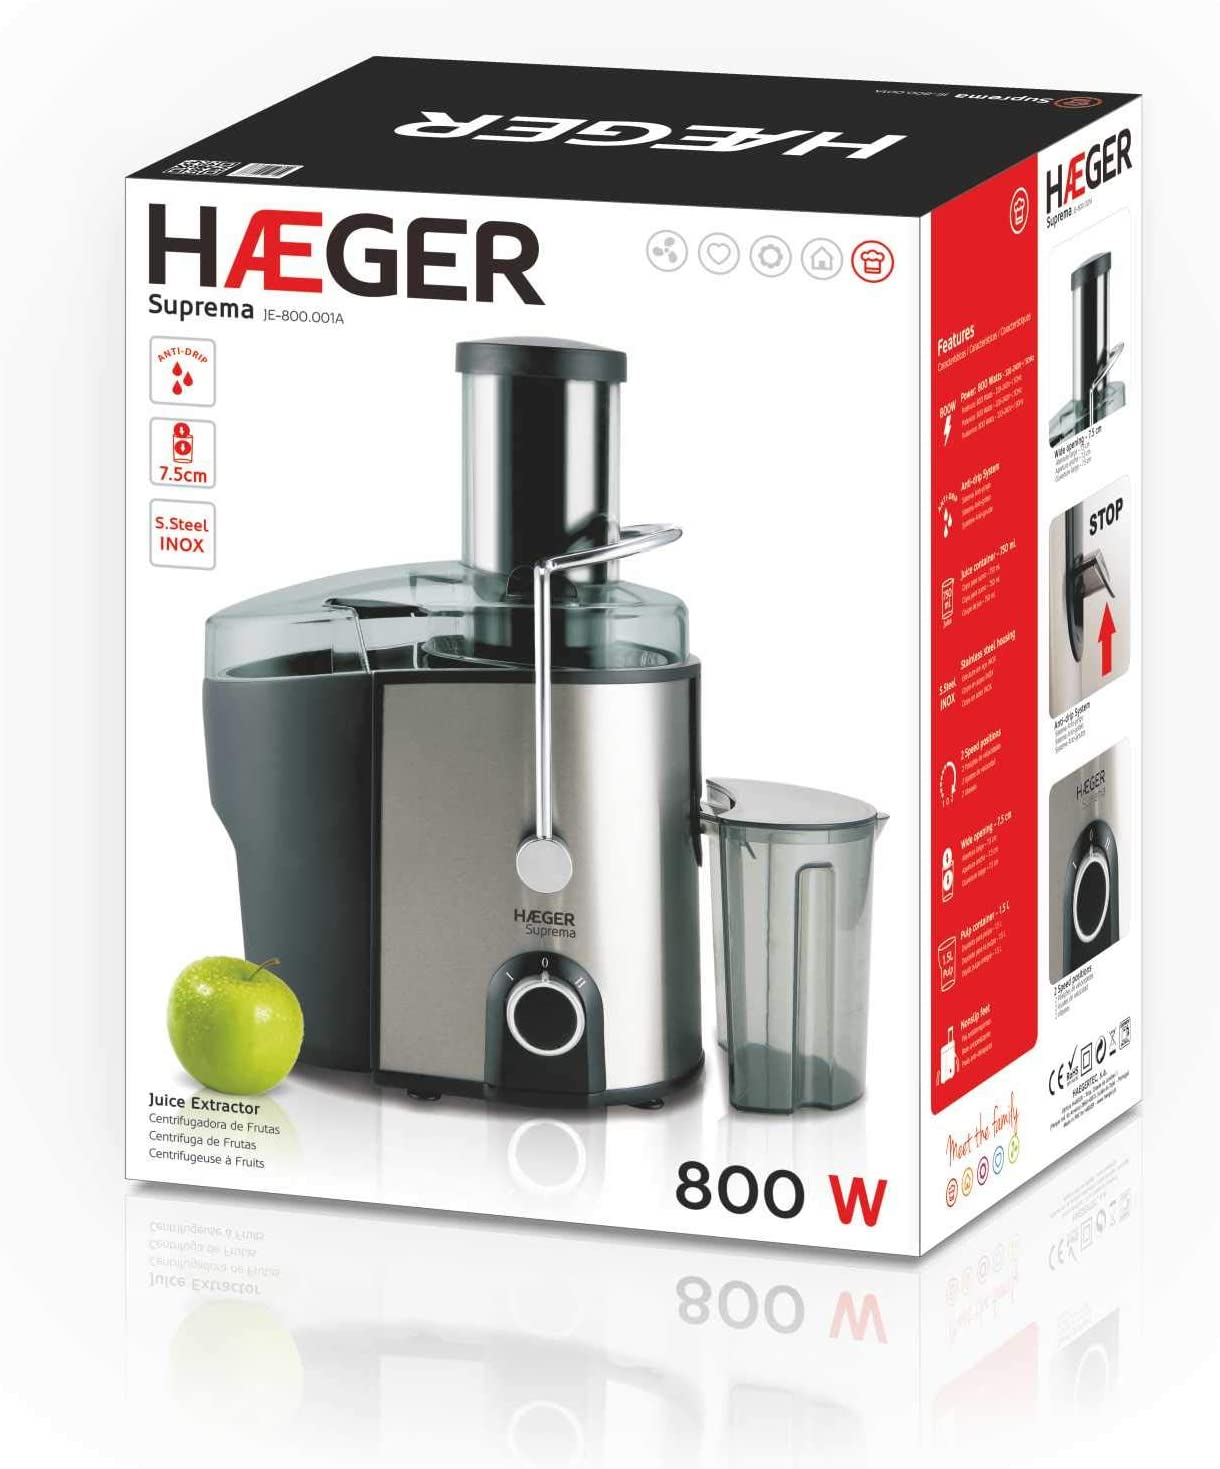 HAEGER Suprema - Licuadora de 800W, Cuerpo de INOX de 2 ...